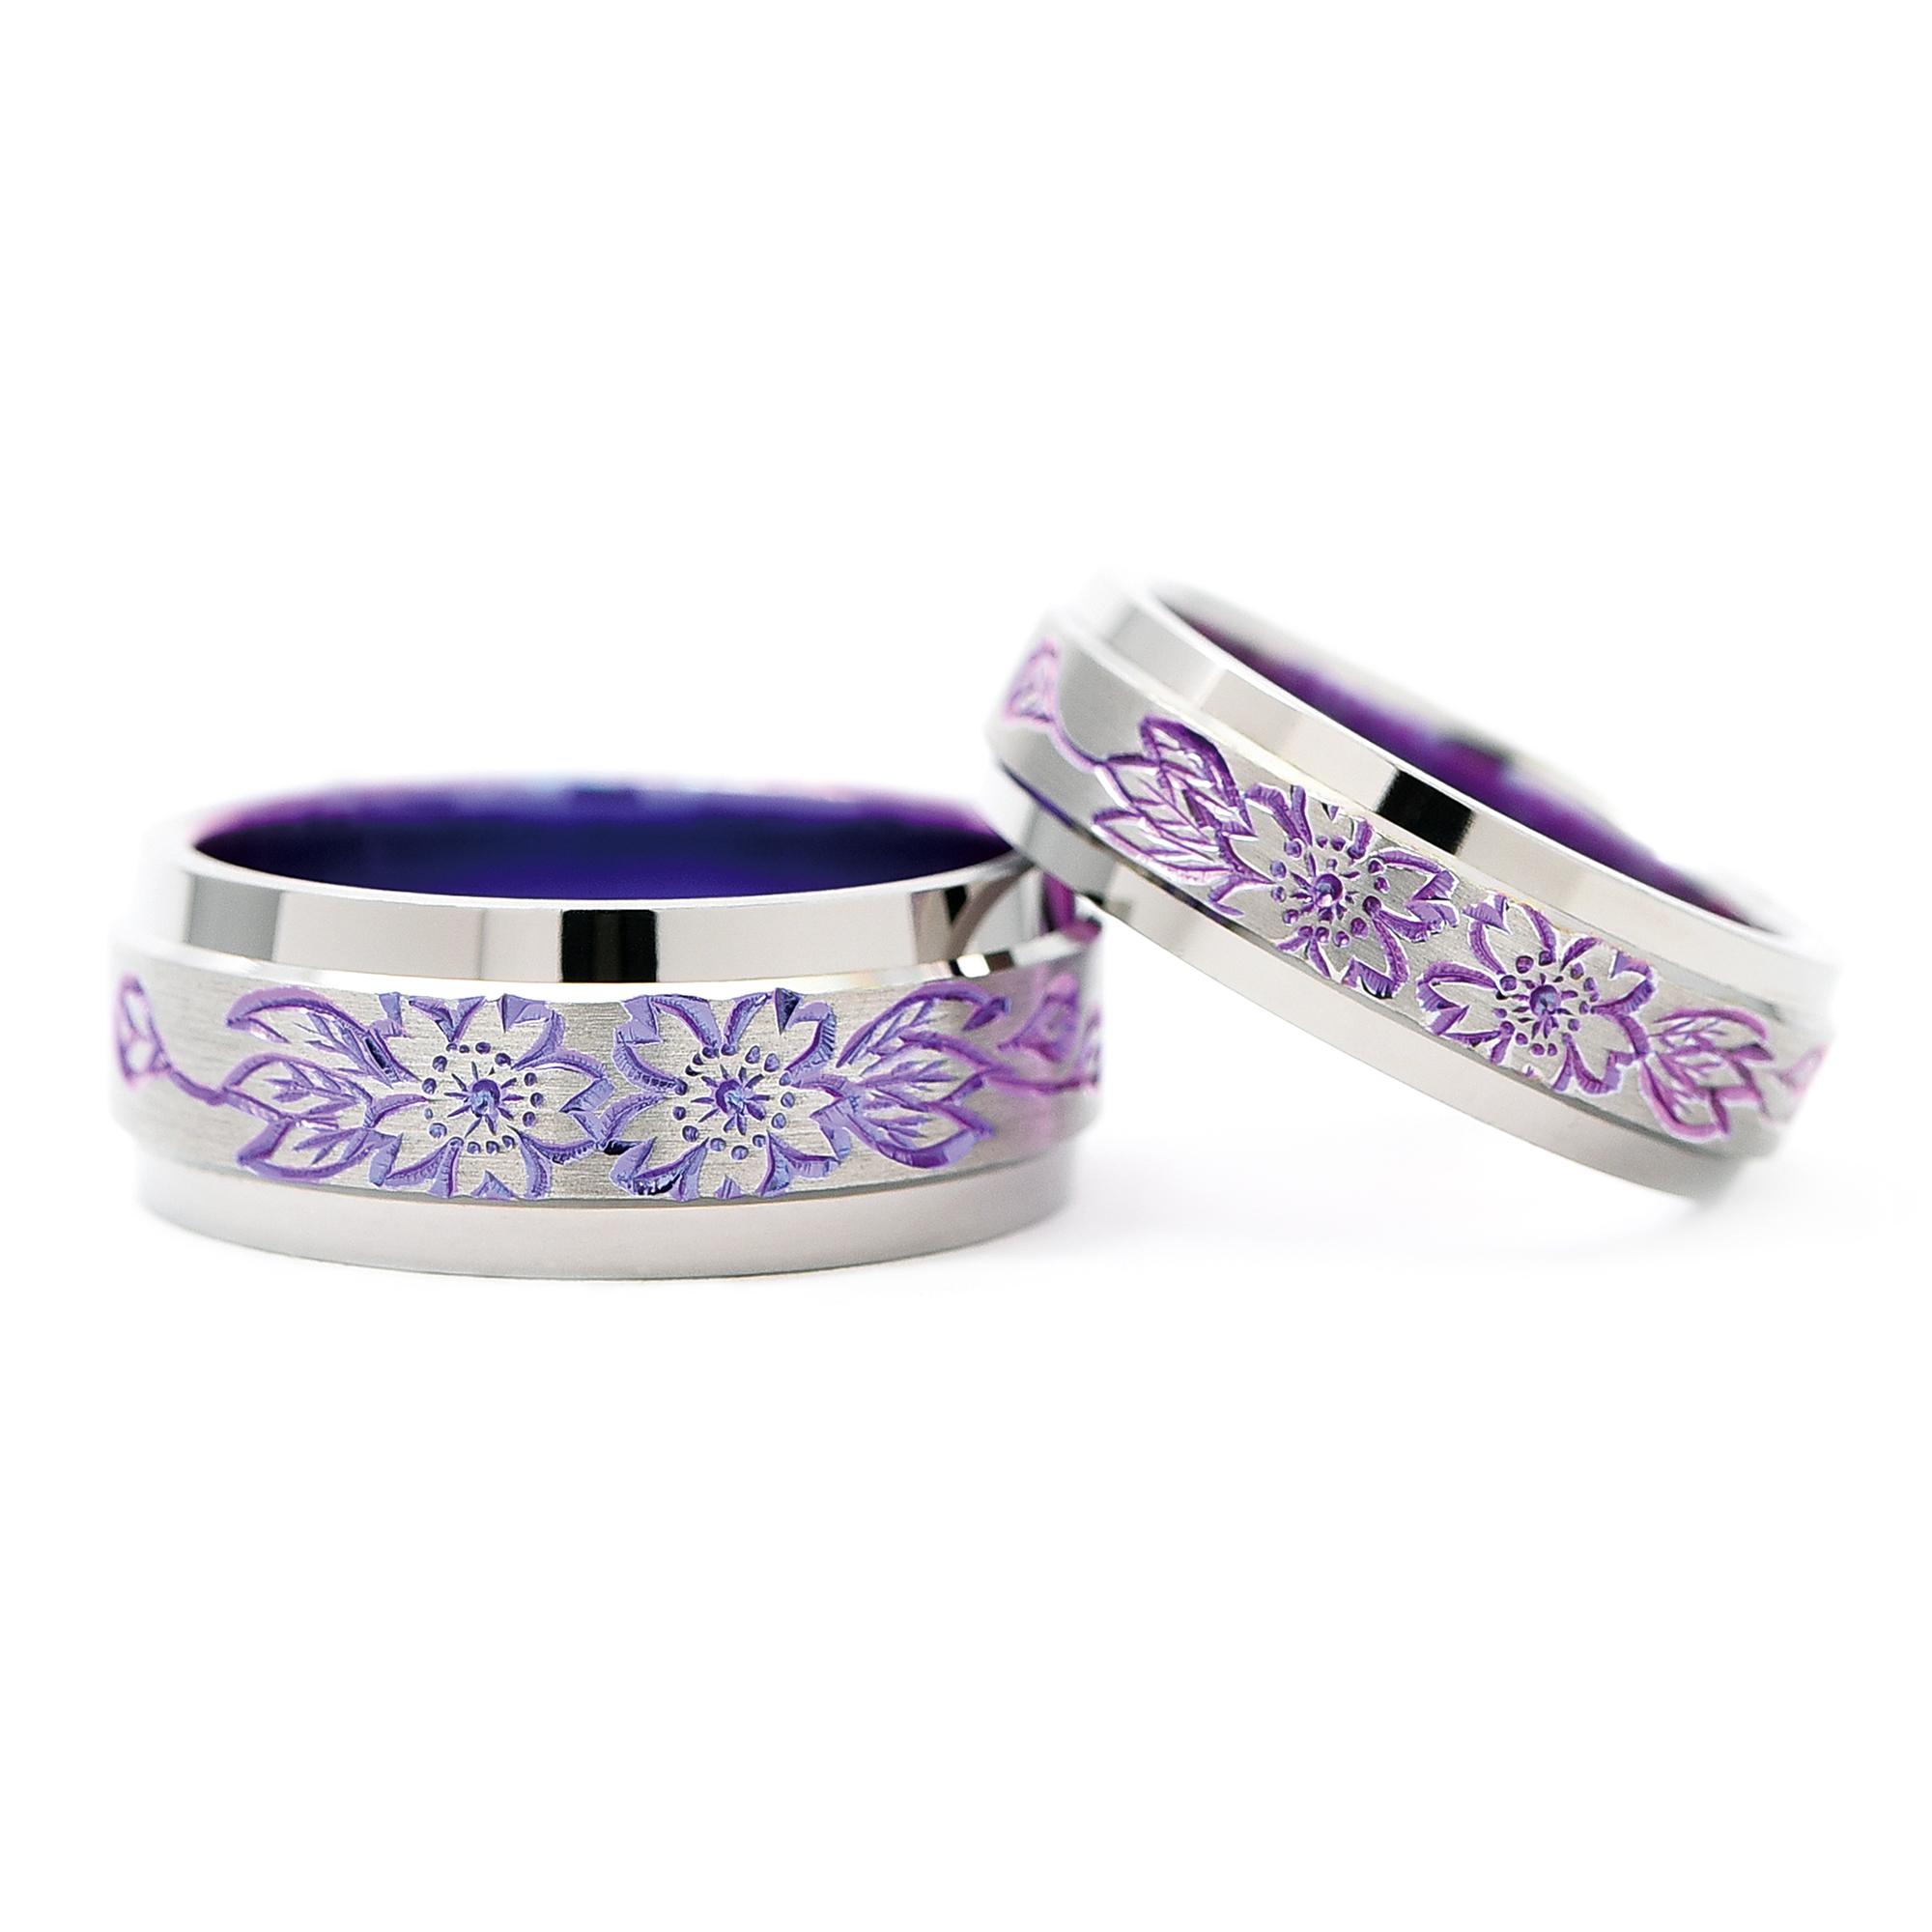 輪高崎工房の結婚指輪|咲耶姫